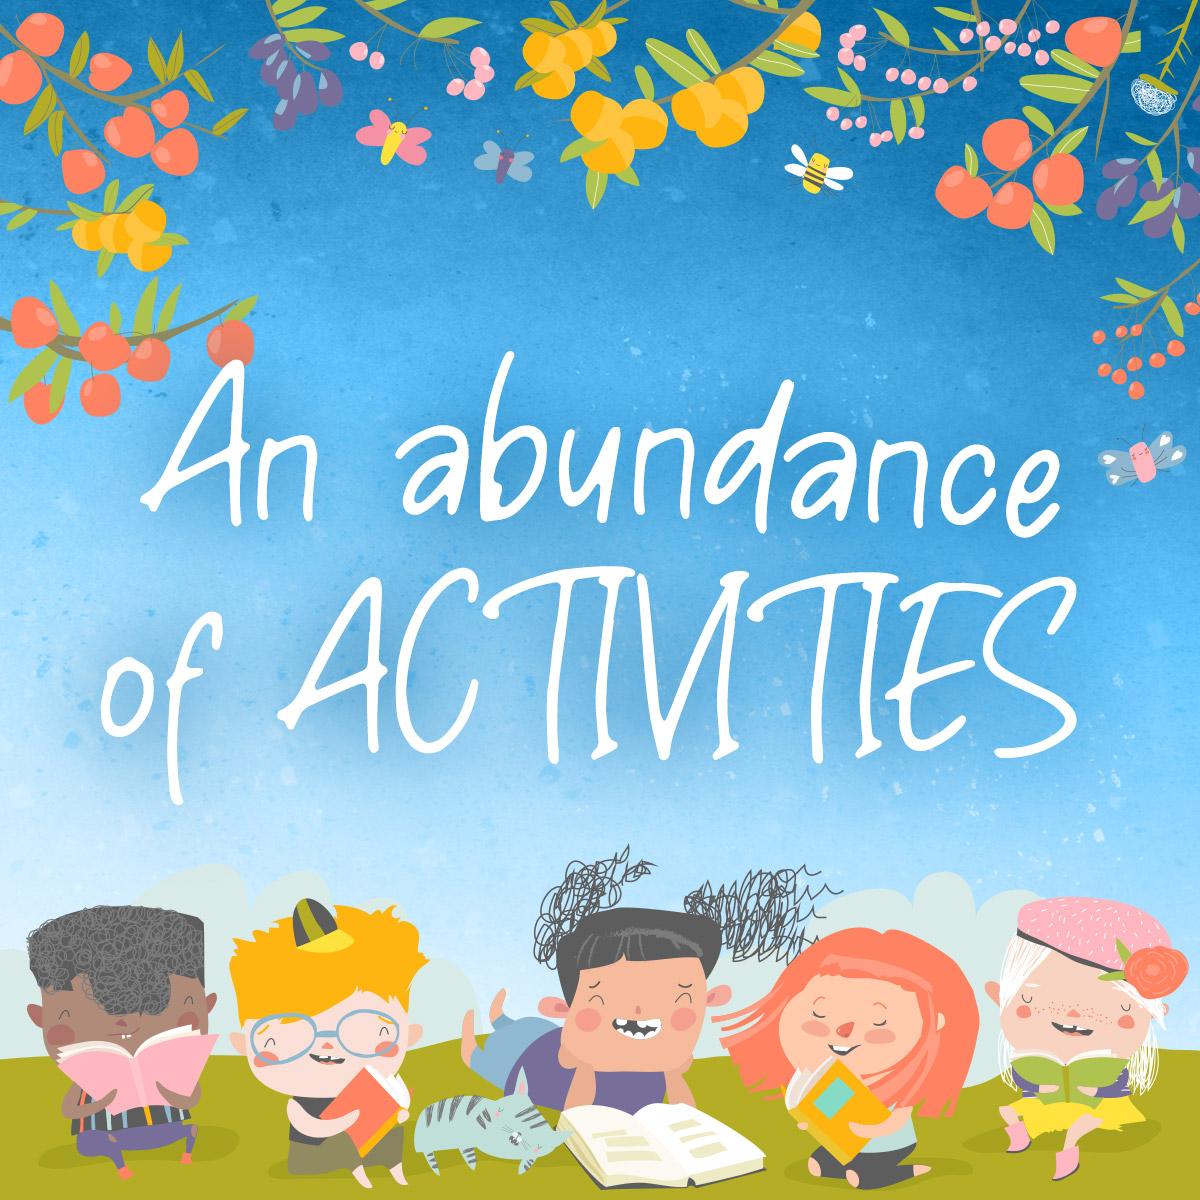 An Abundance of Activities for Children